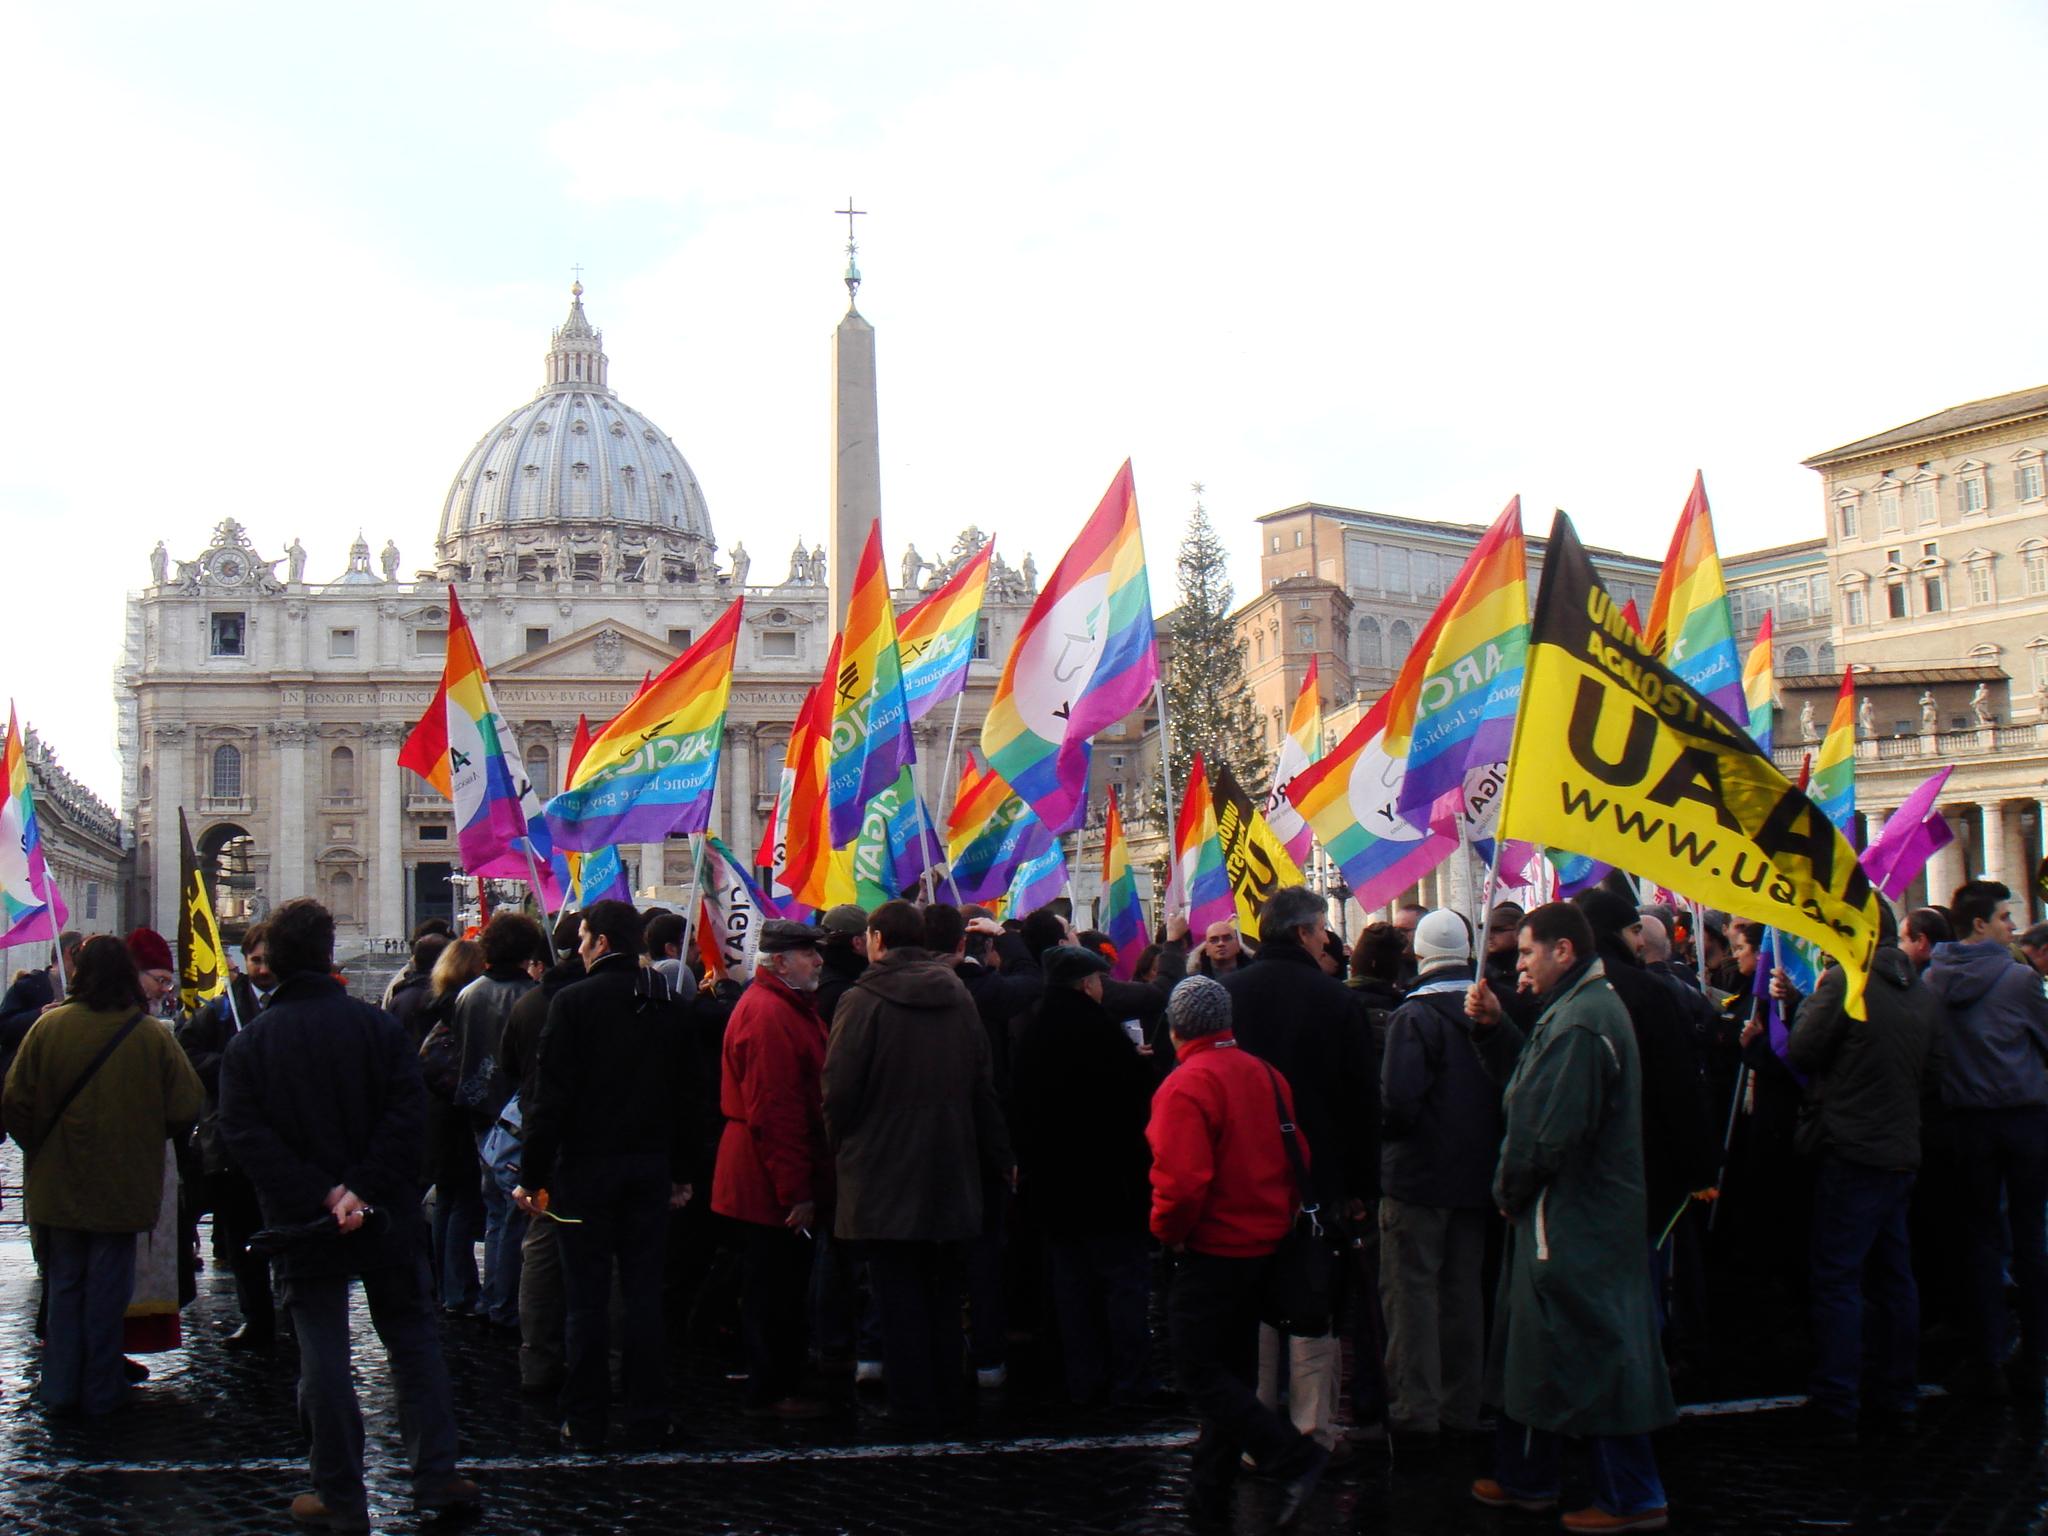 Religioni e omosessualità, un dialogo complesso